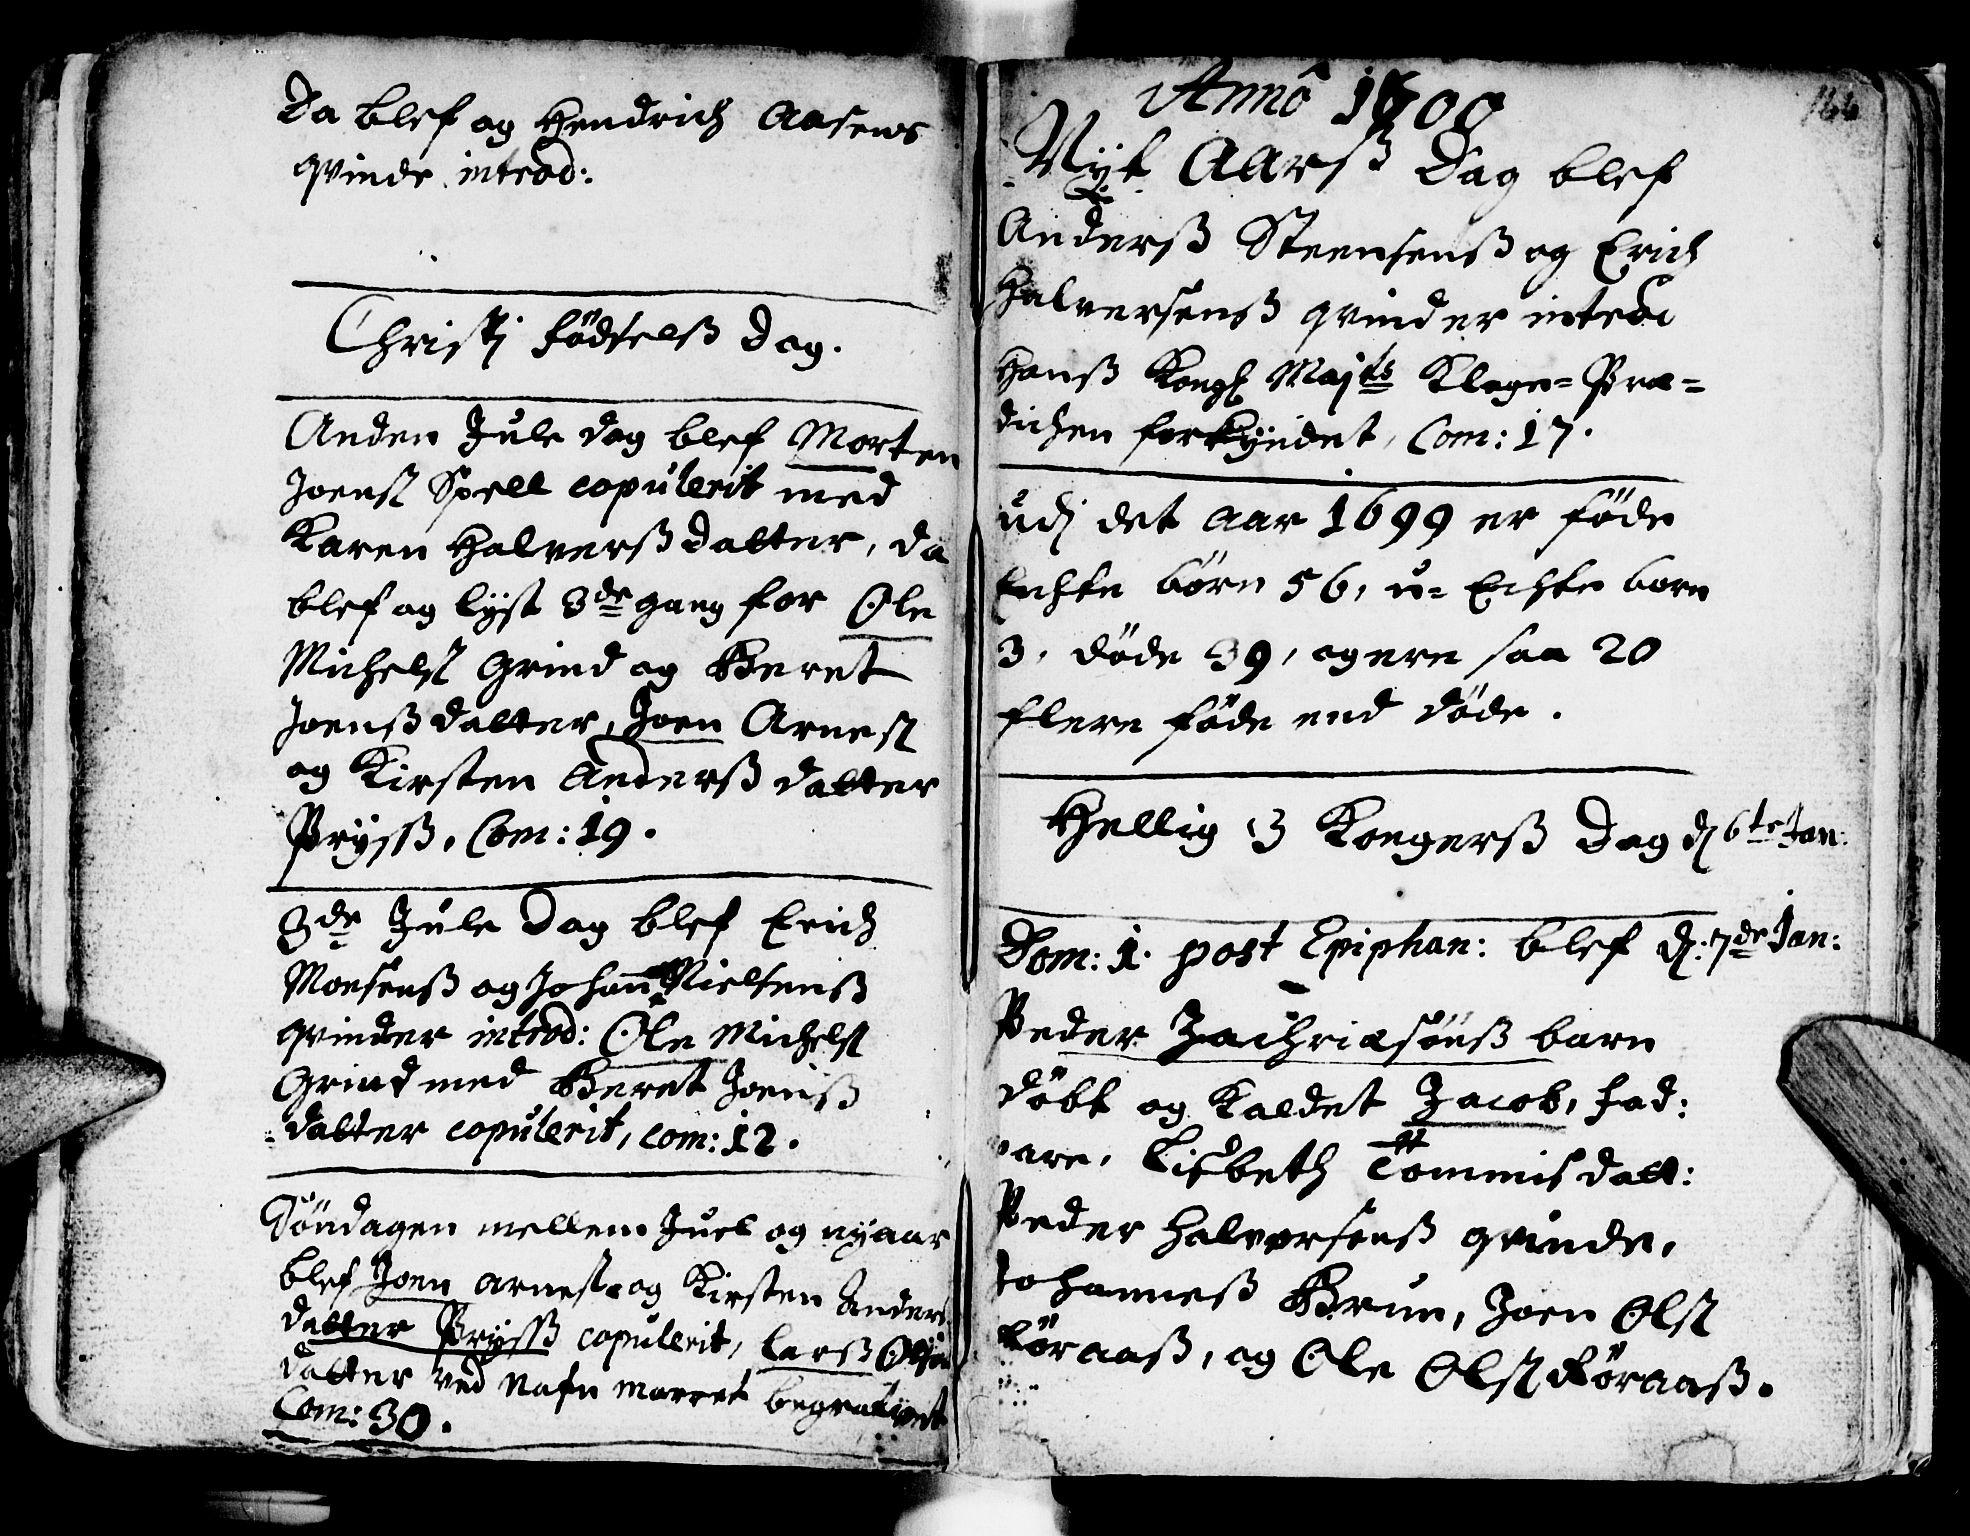 SAT, Ministerialprotokoller, klokkerbøker og fødselsregistre - Sør-Trøndelag, 681/L0923: Ministerialbok nr. 681A01, 1691-1700, s. 166